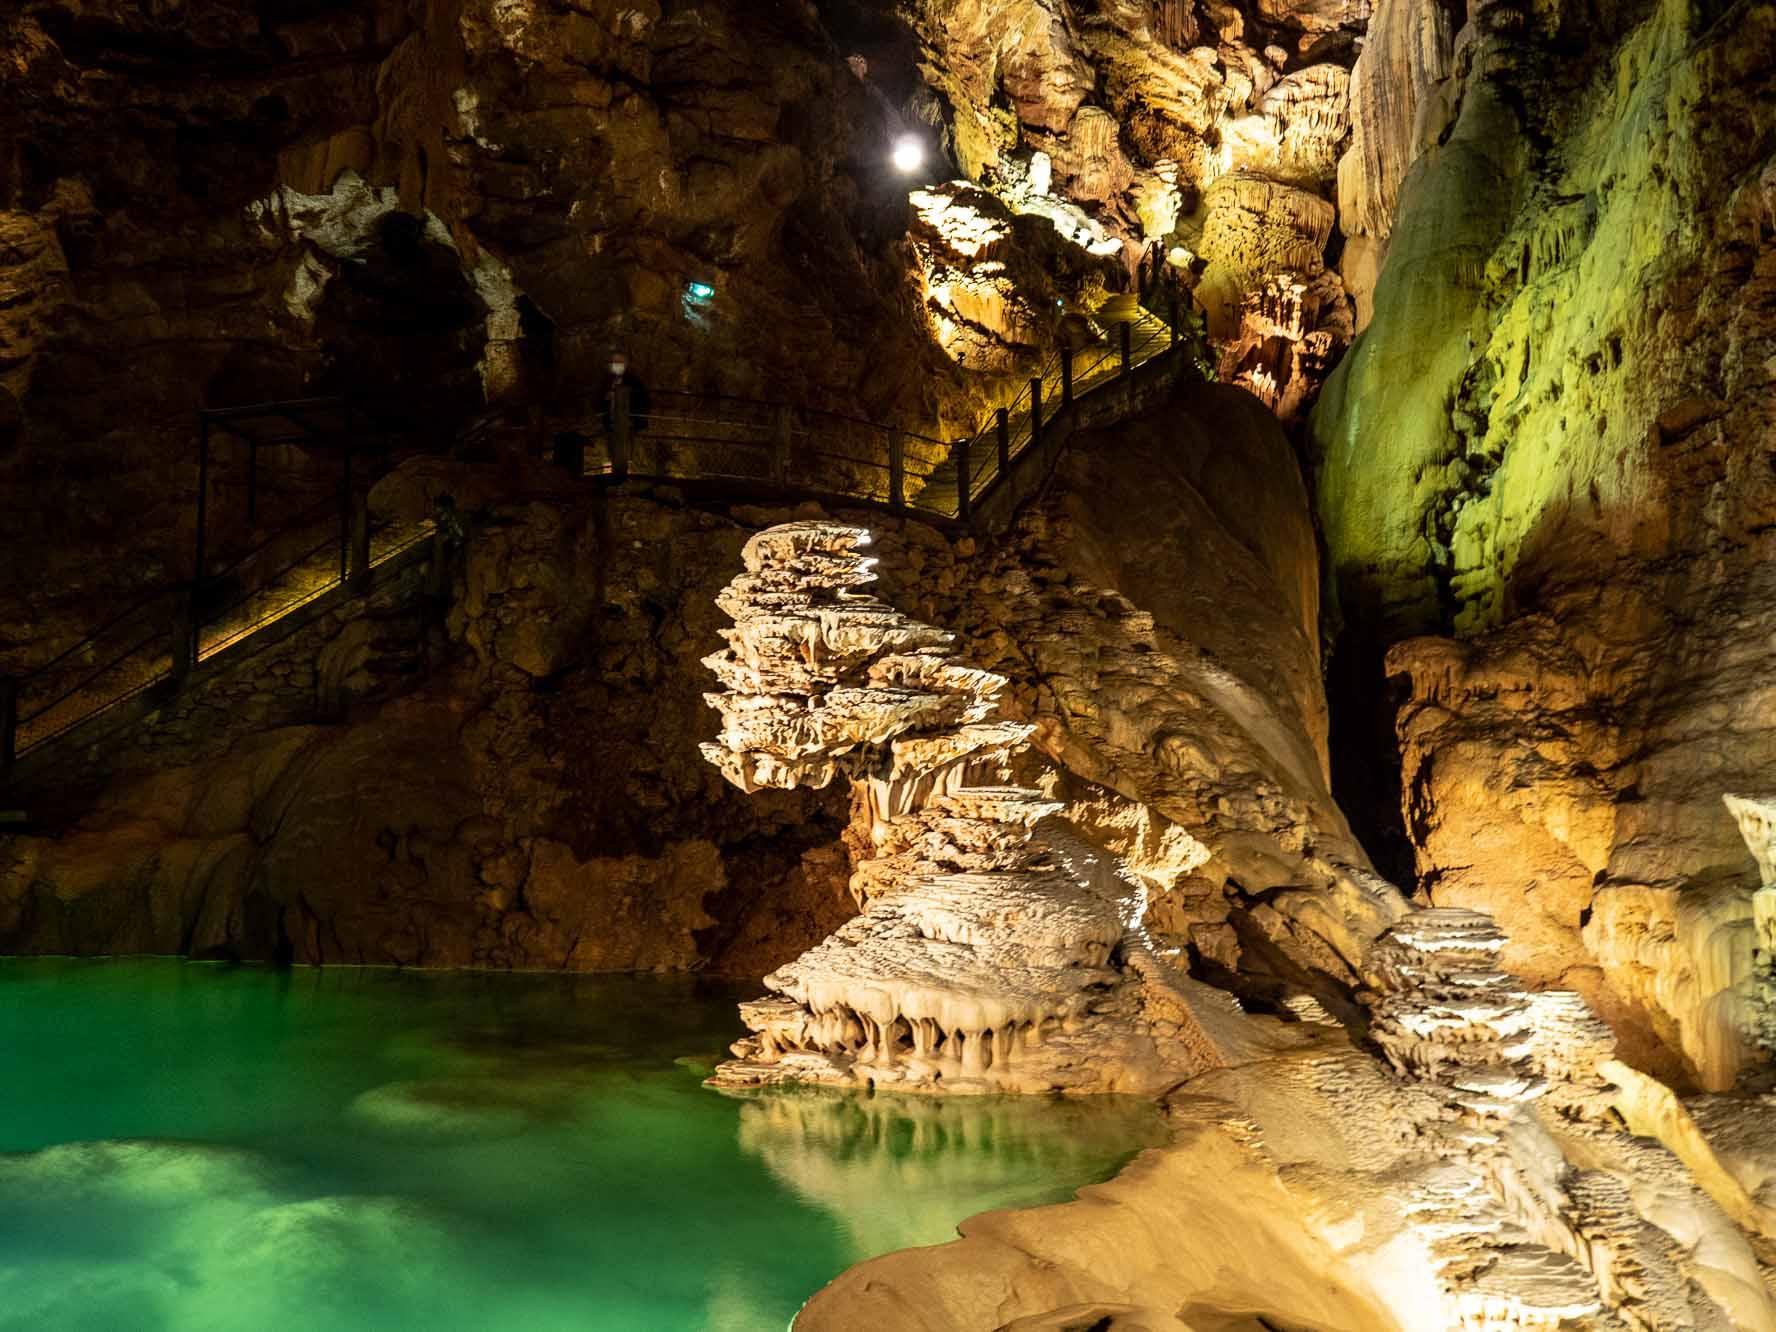 Rivière souterraine du gouffre de Padirac dans le Lot en France